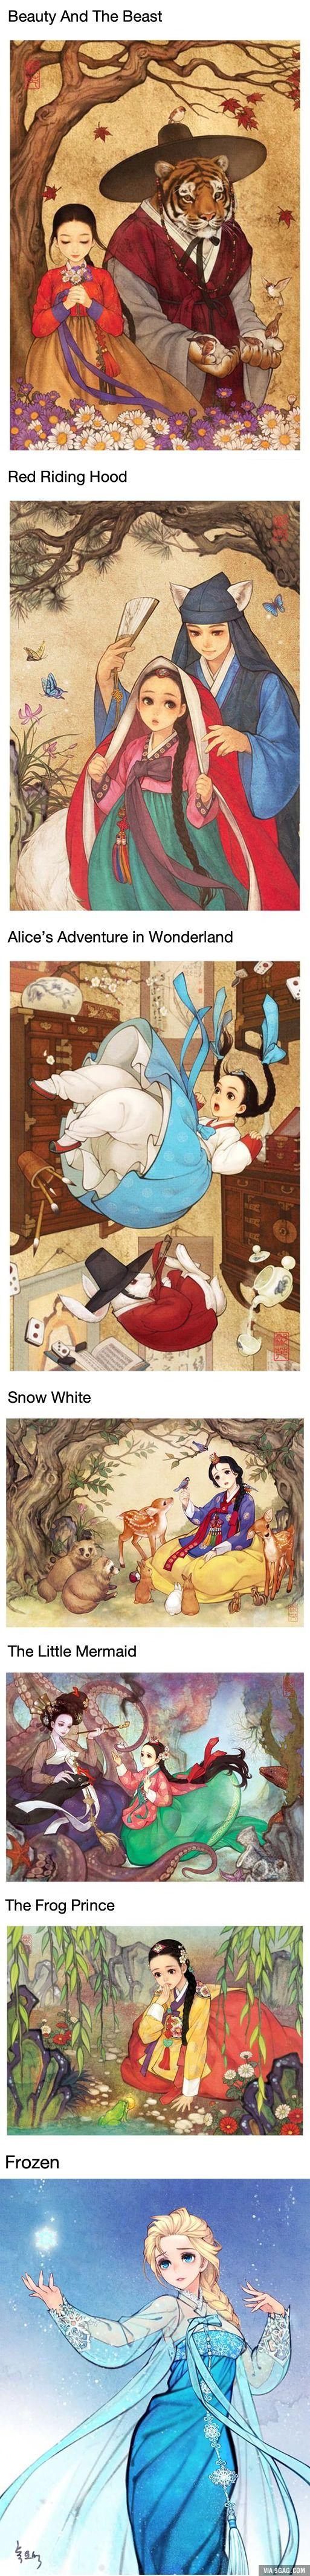 Disney auf koreanisch ♥